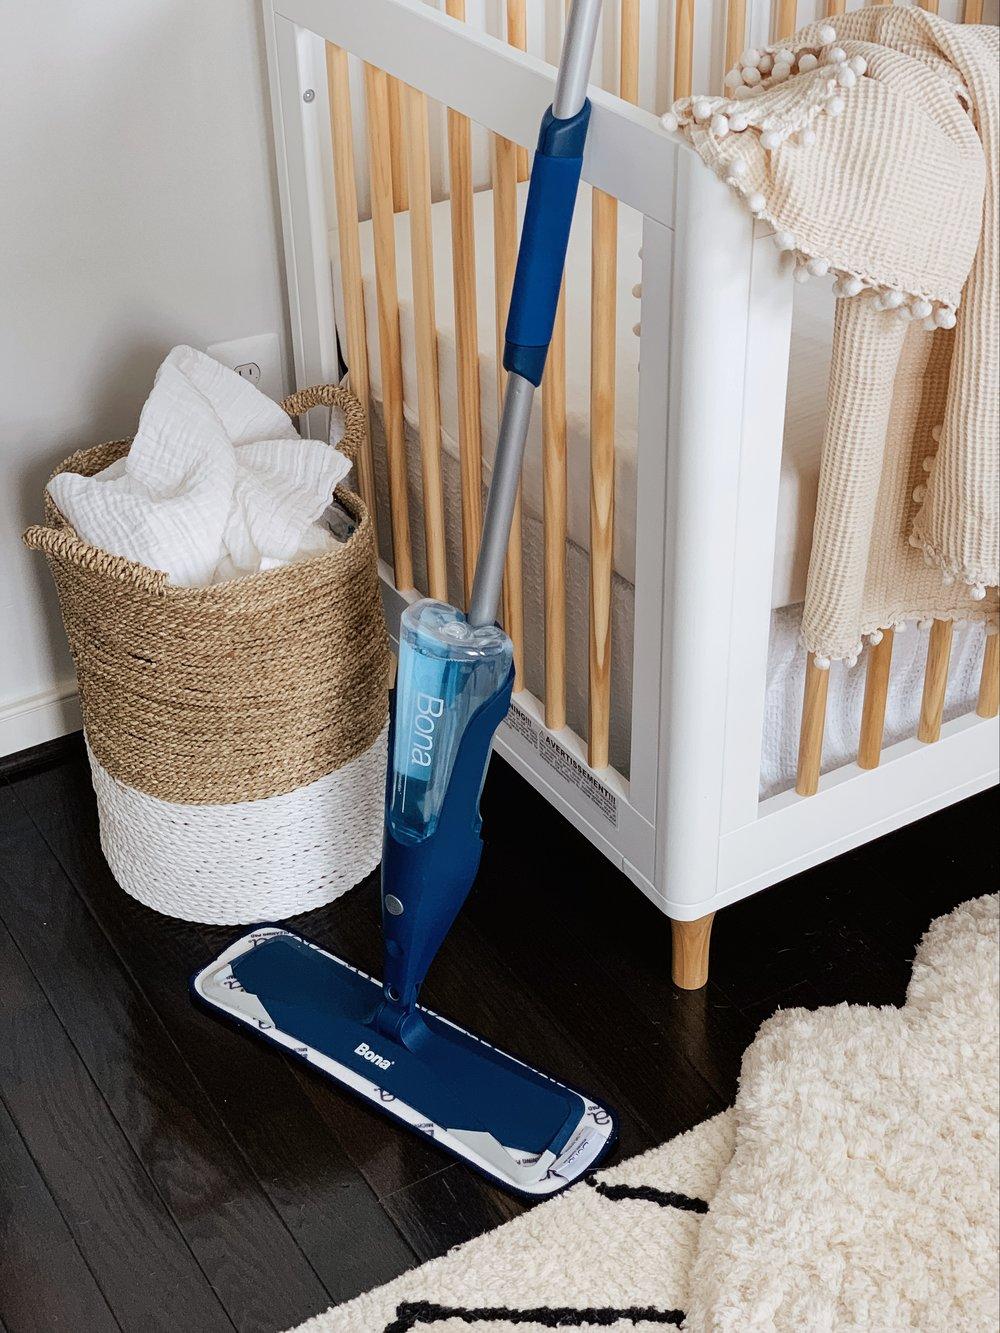 BONA floor mop